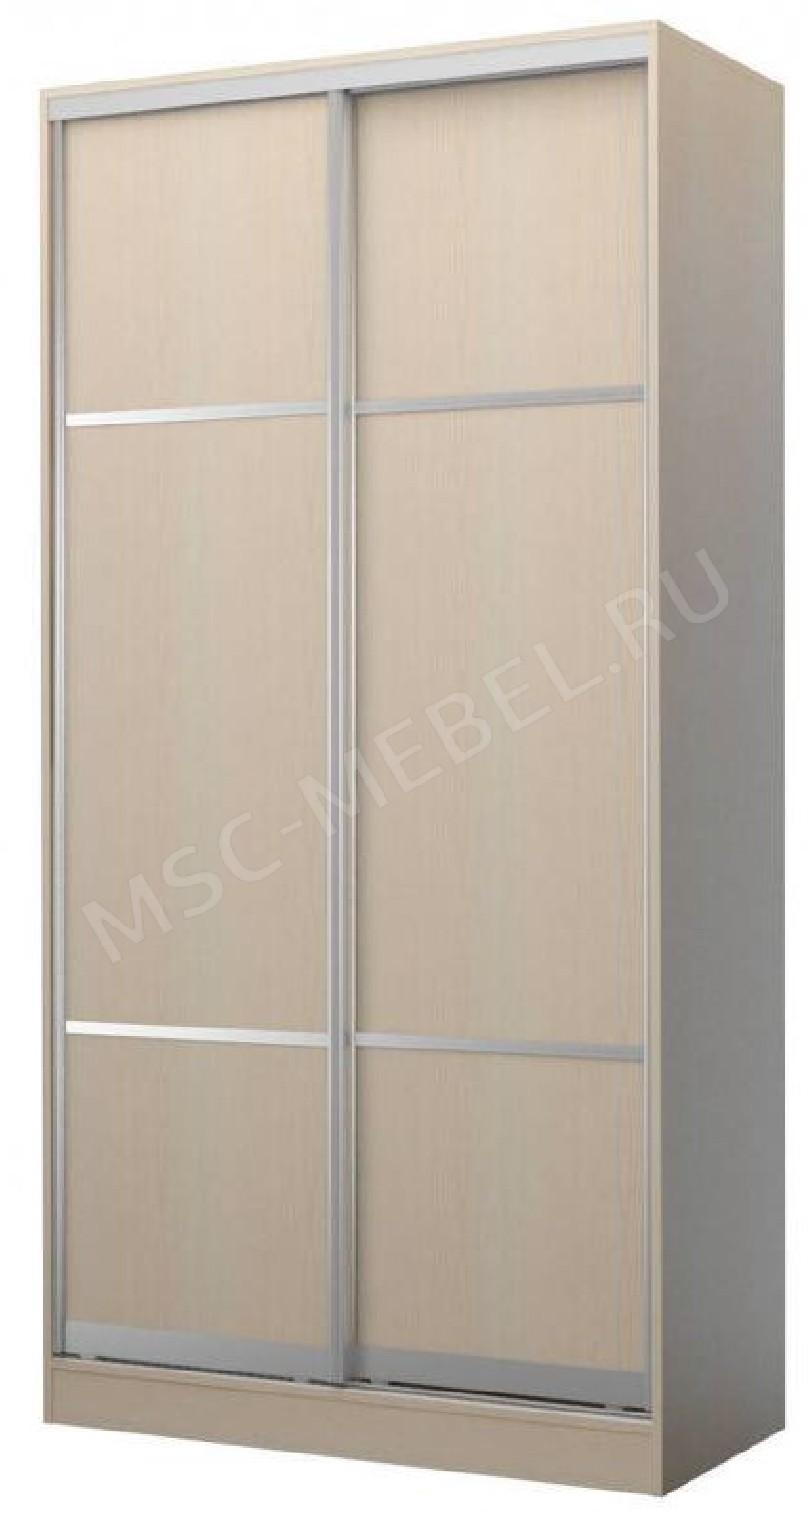 Байкал-2 (Столлайн) СТЛ.268.04 Дизайн 1 арт63